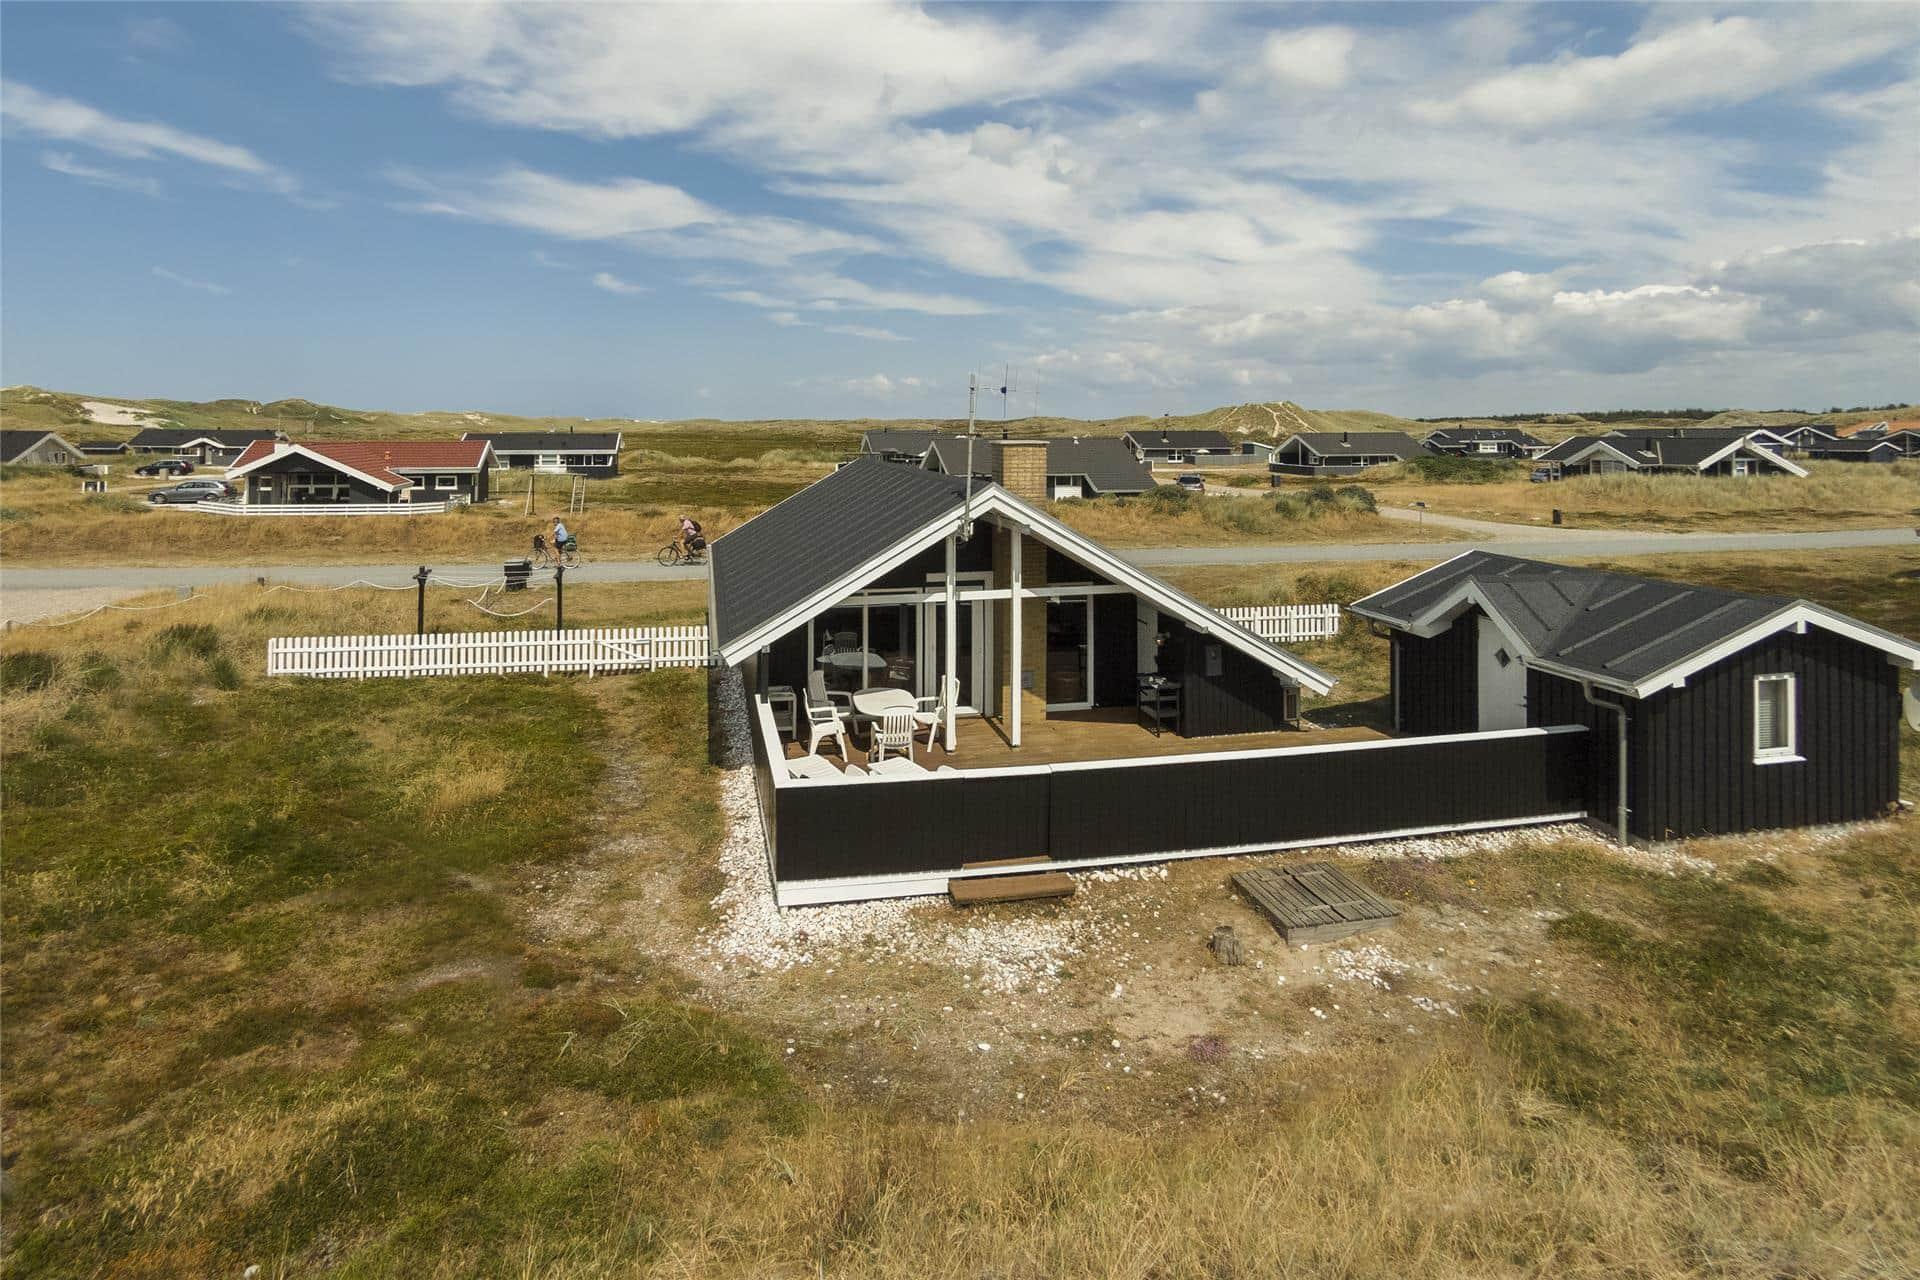 Billede 1-4 Sommerhus 618, Bjerregårdsvej 422, DK - 6960 Hvide Sande